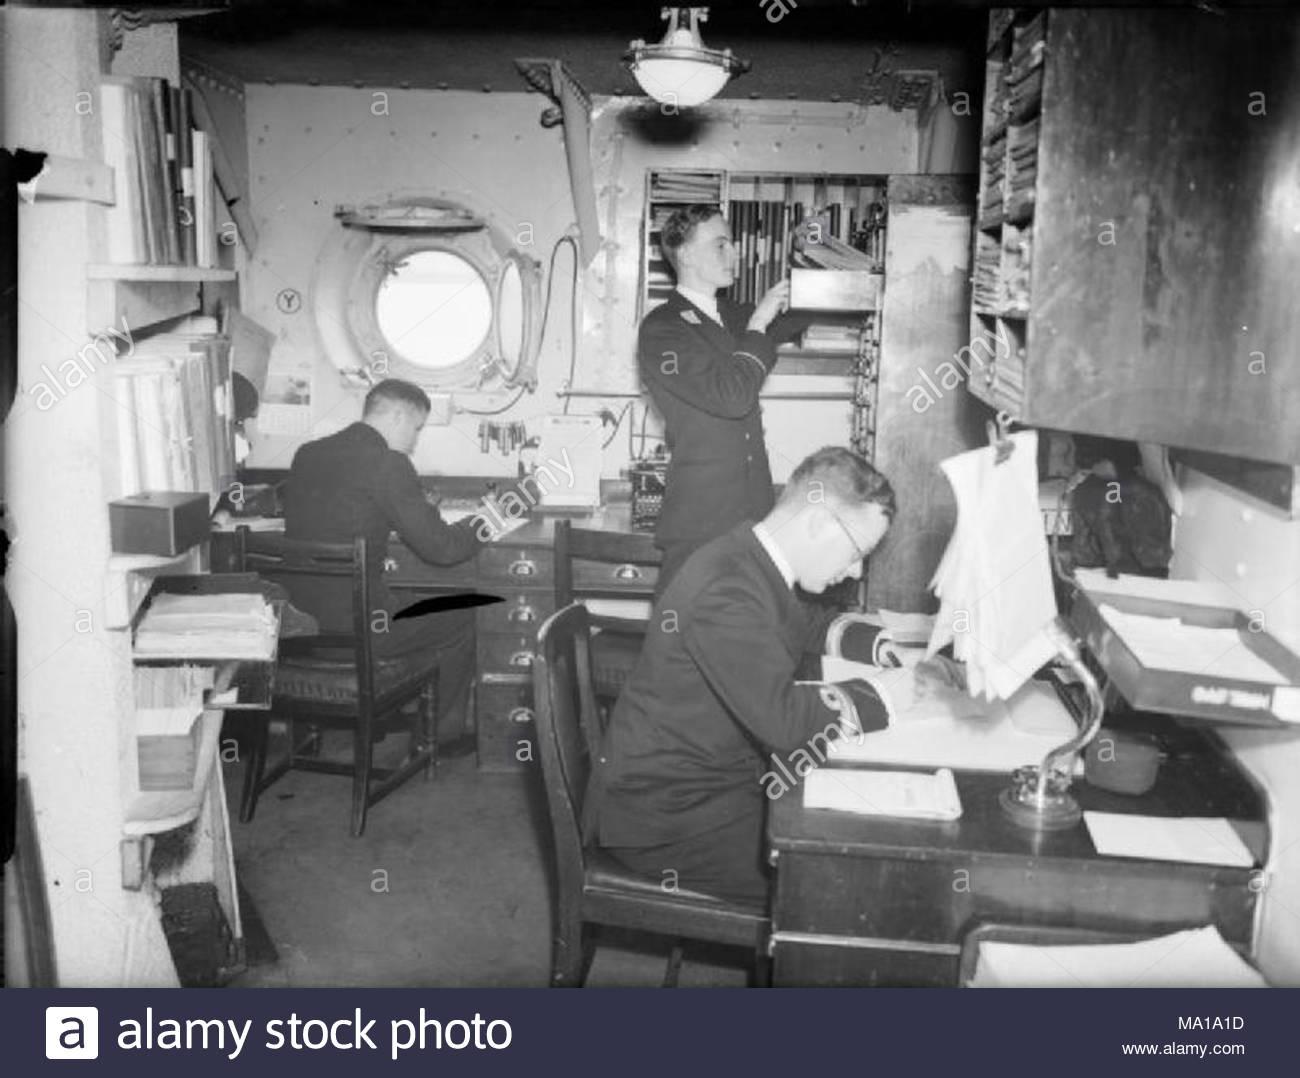 La royal navy pendant la seconde guerre mondiale l homme au